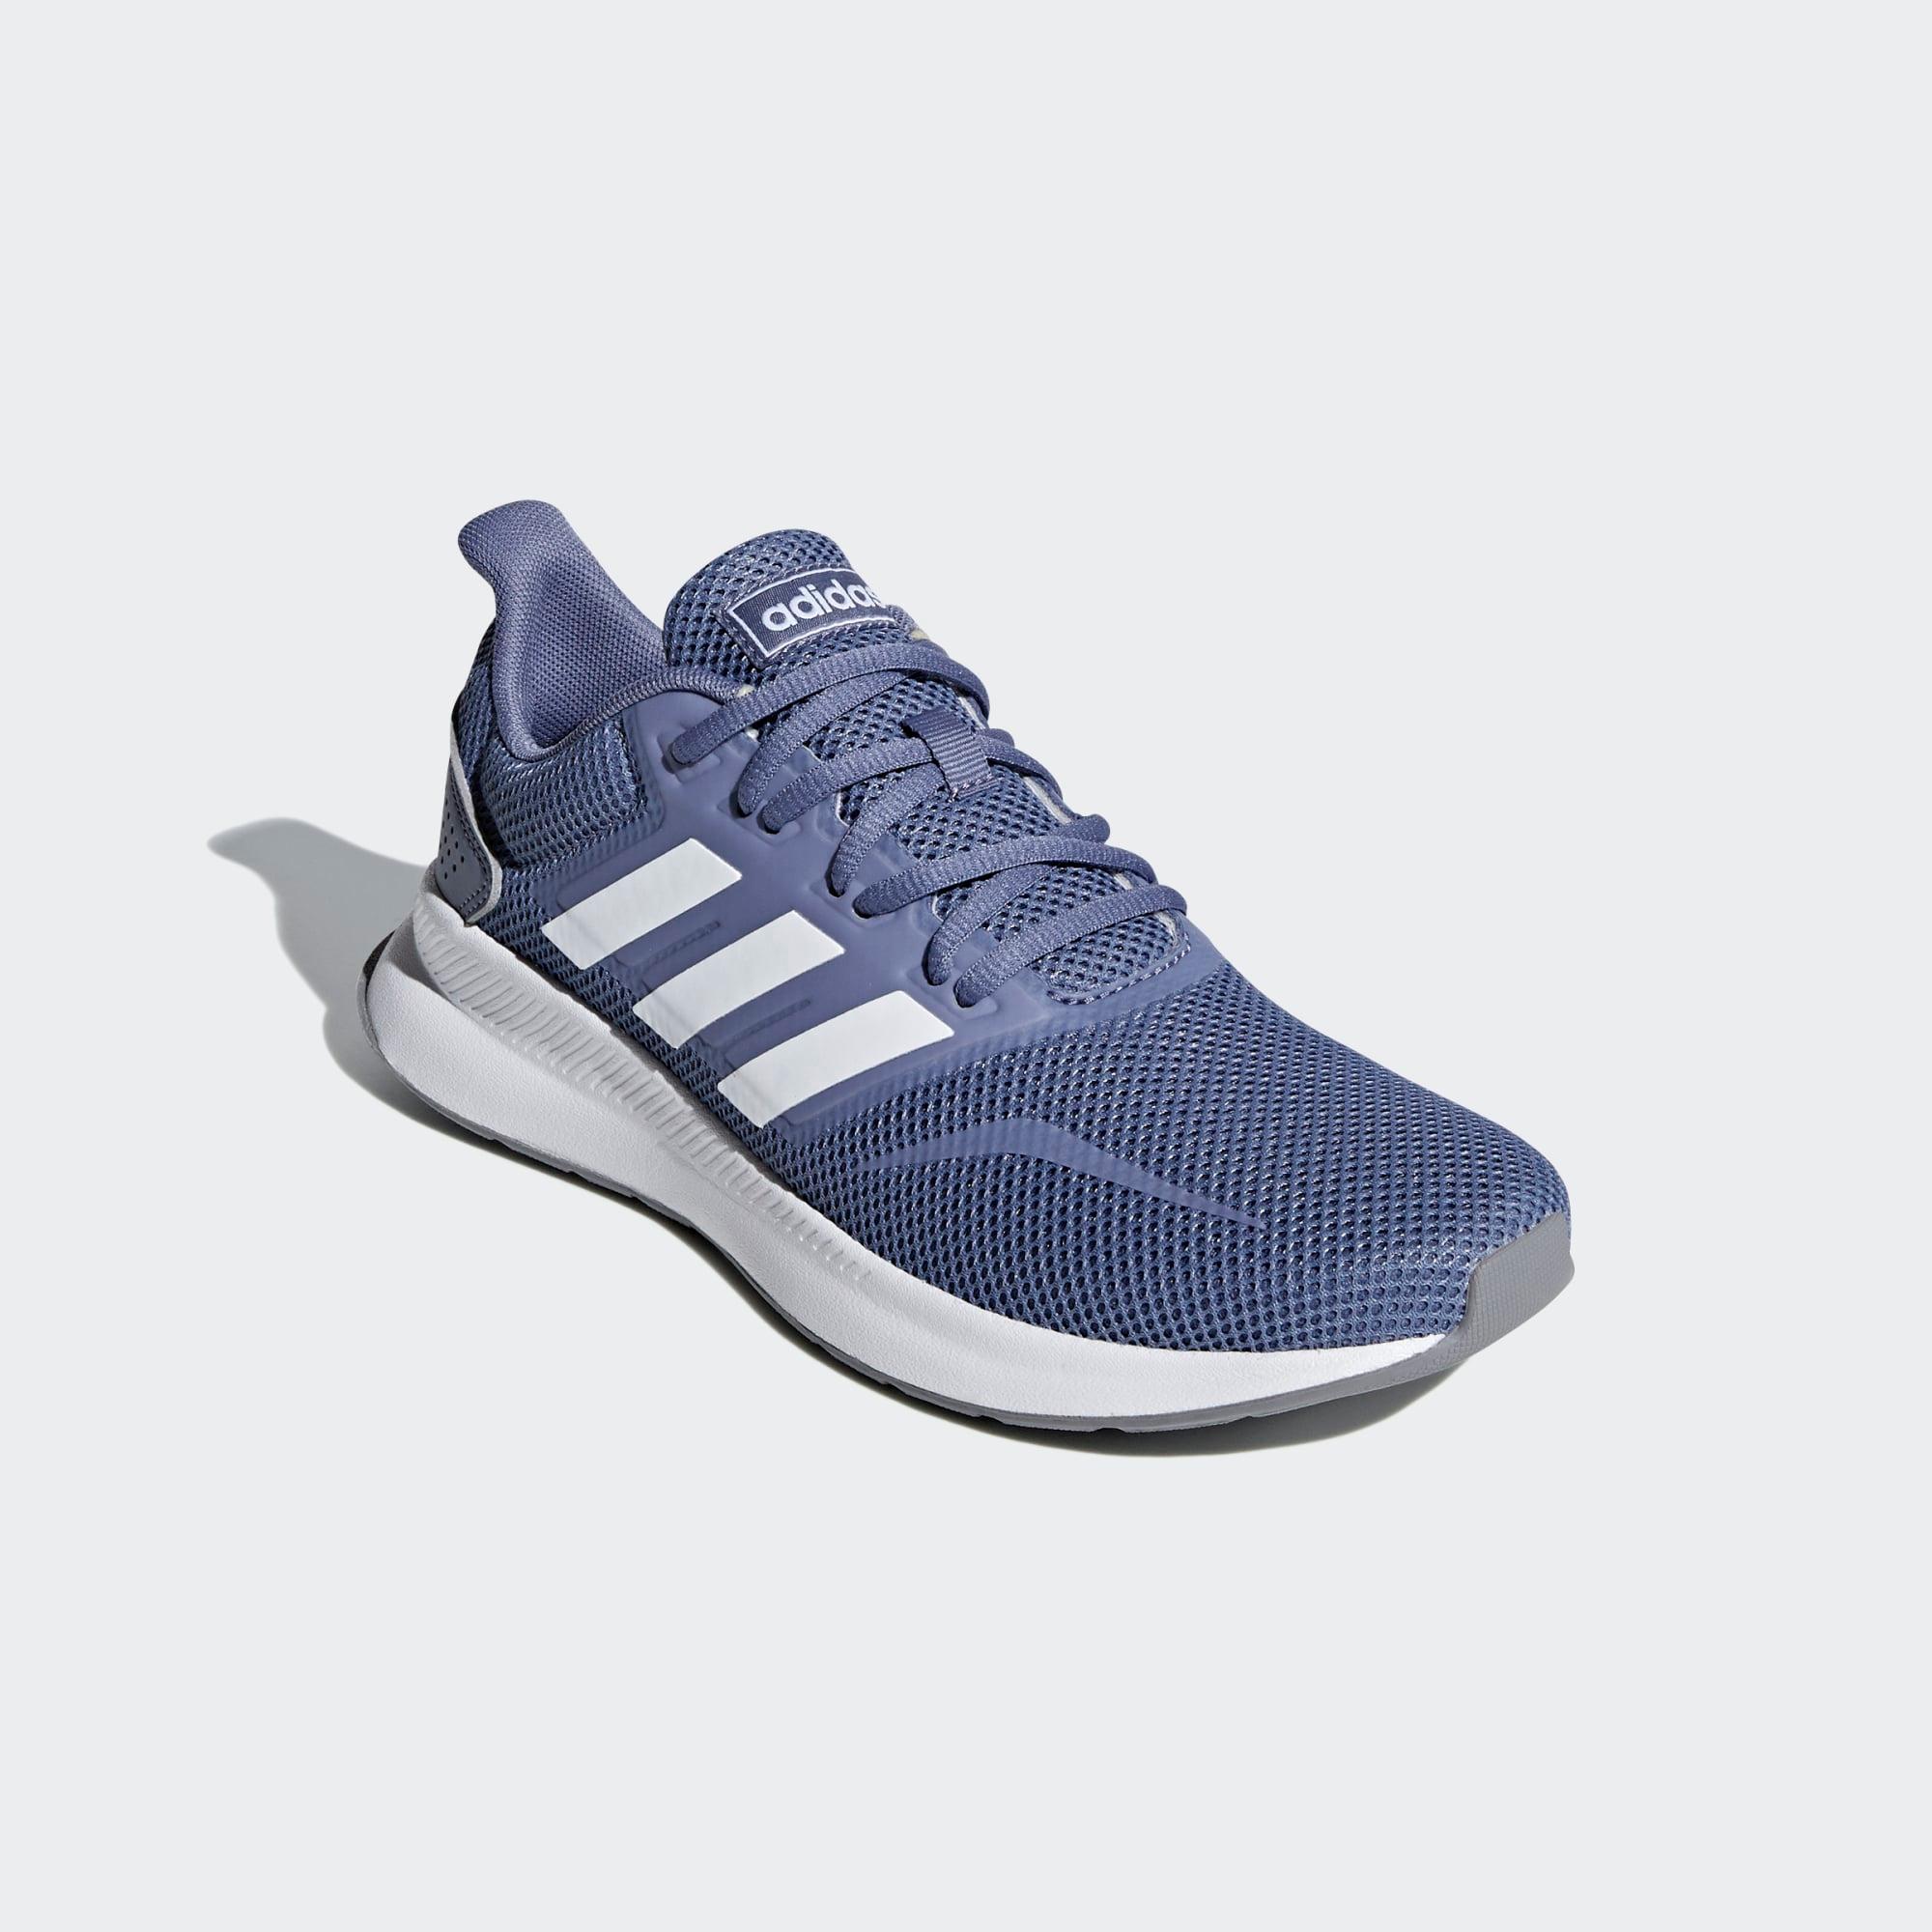 Adidas Laufschuhe Damen Raw Indigo   Ftwr Weiß Weiß Weiß   grau Three im Online Shop von SportScheck kaufen Gute Qualität beliebte Schuhe a47388